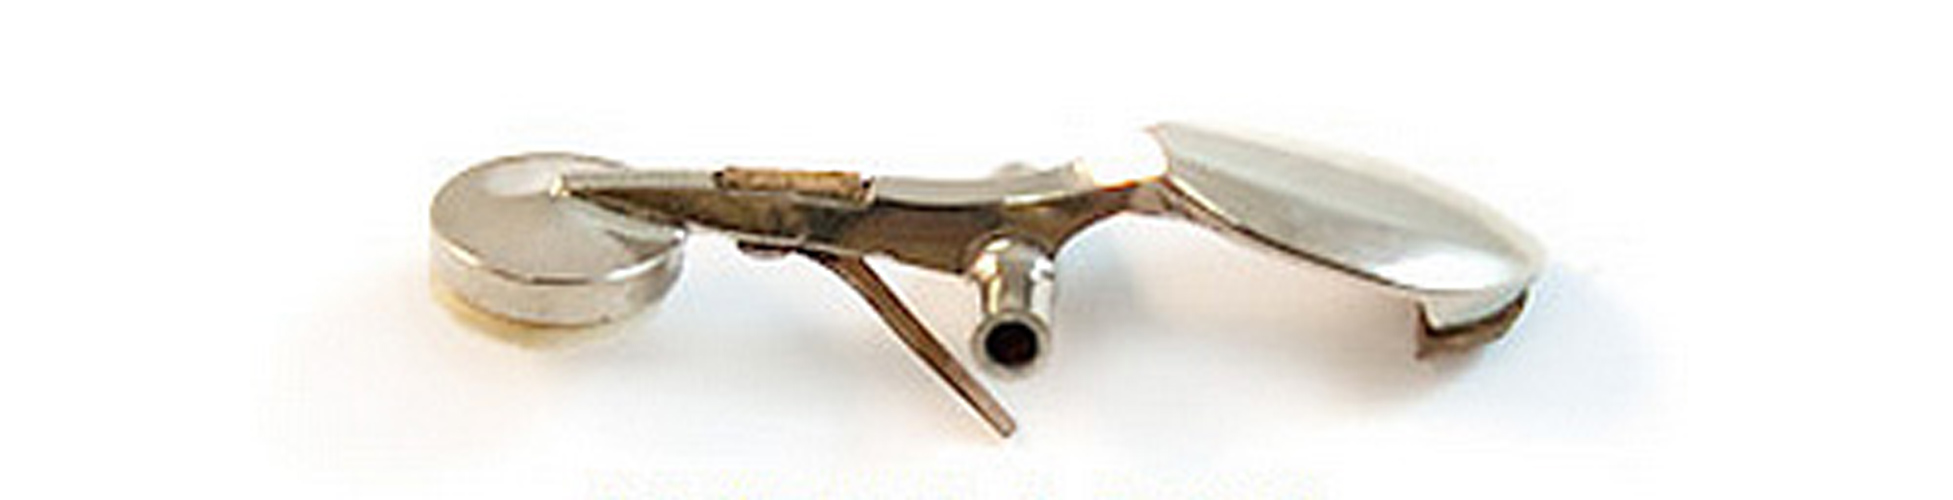 A Key - No.1 - B&H Obsolete Clarinet